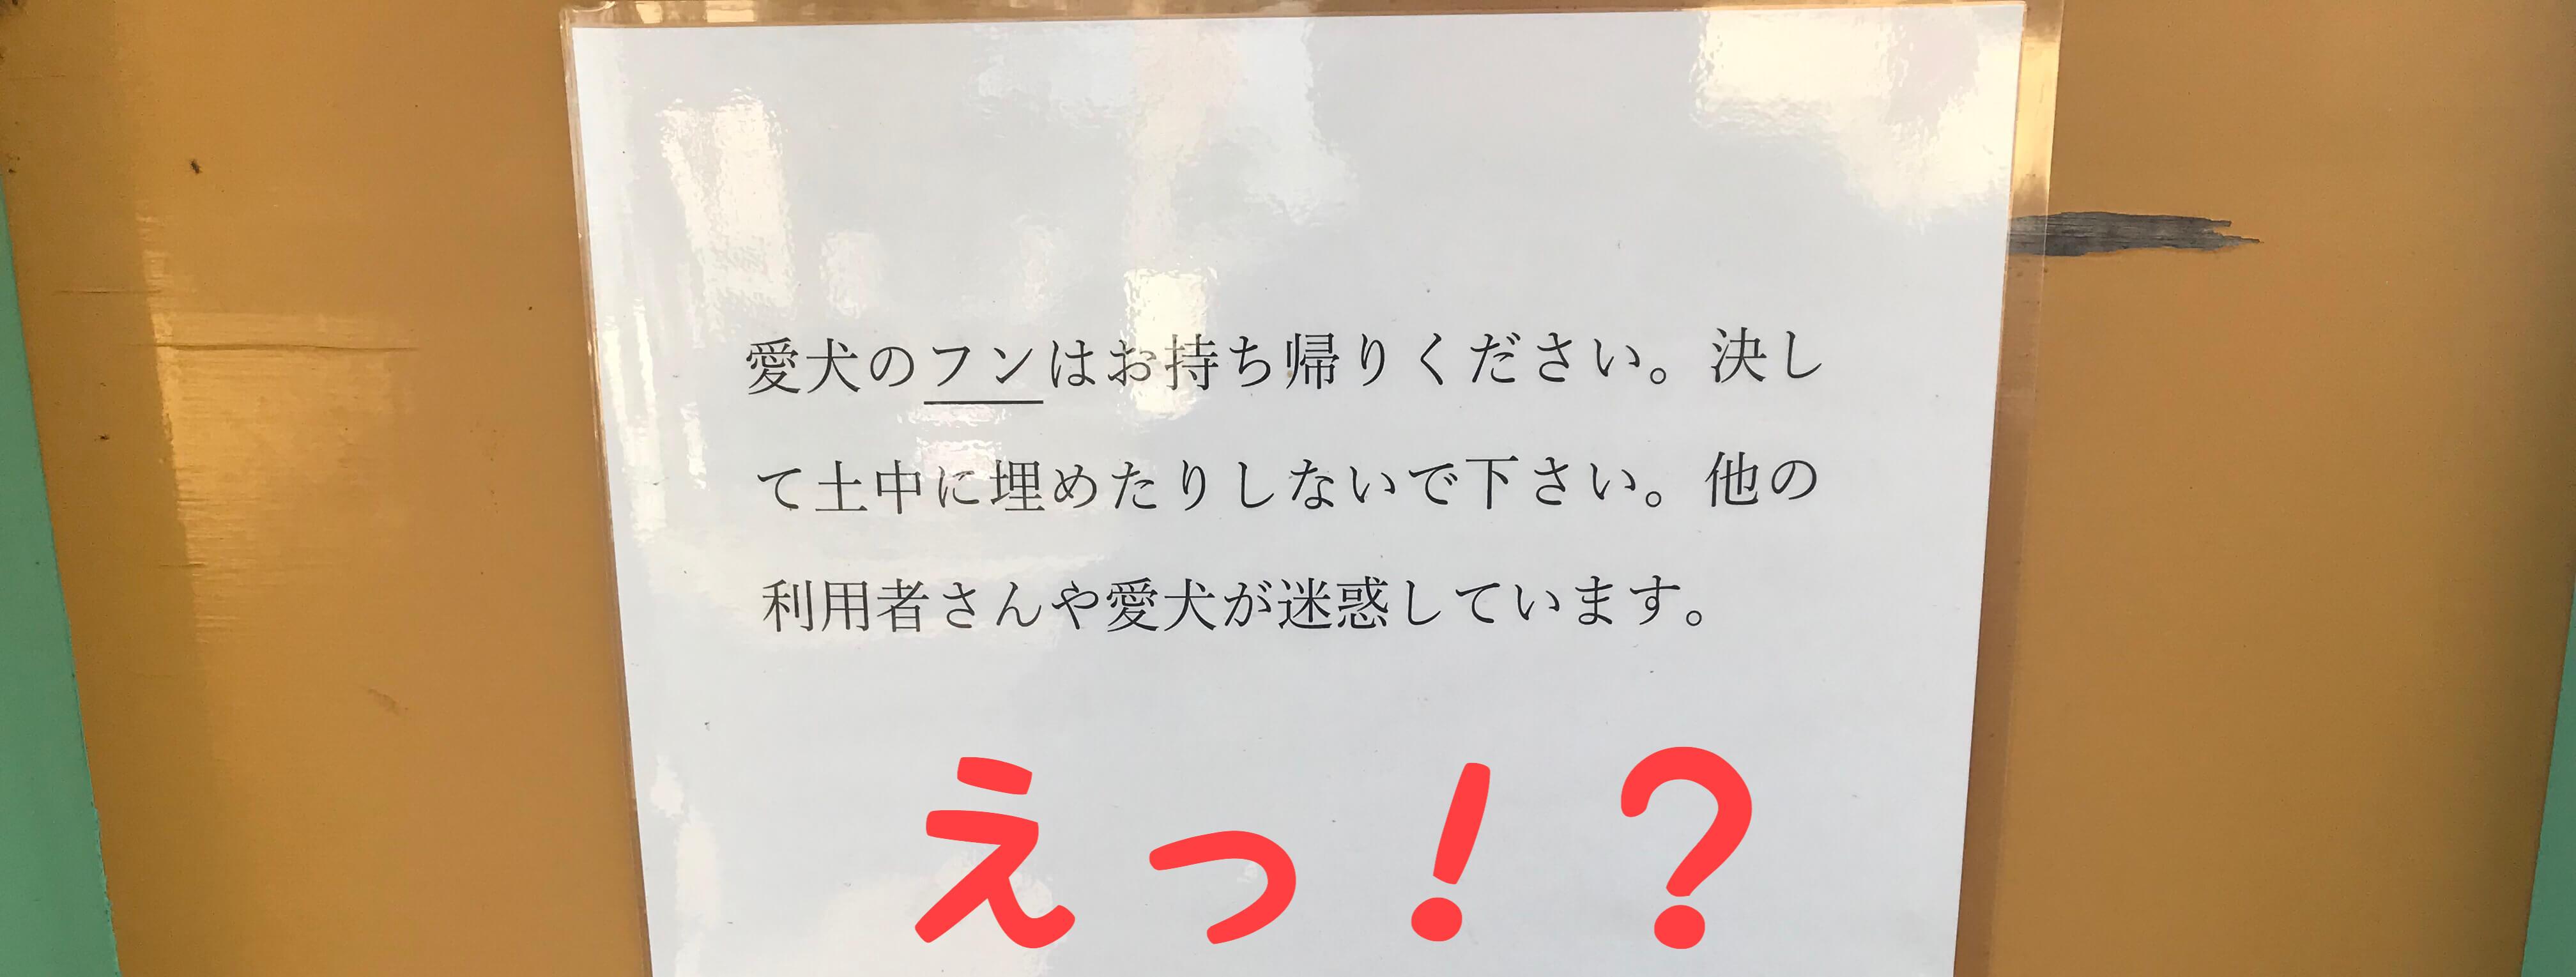 住之江公園ドッグラン ドッグランのマナー POP